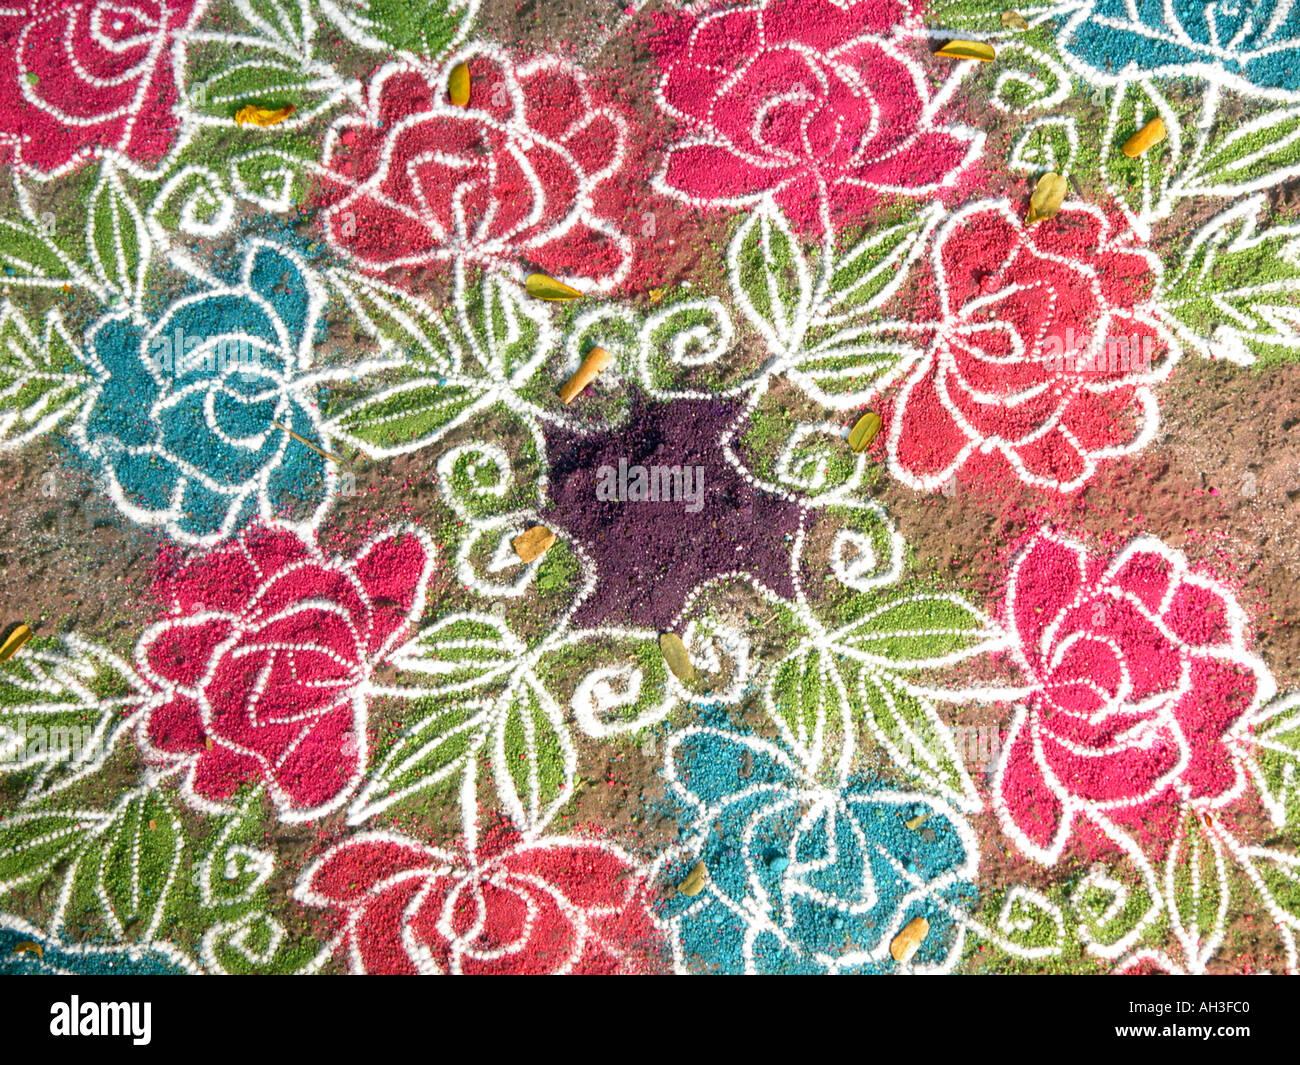 Rangoli pattern - Stock Image